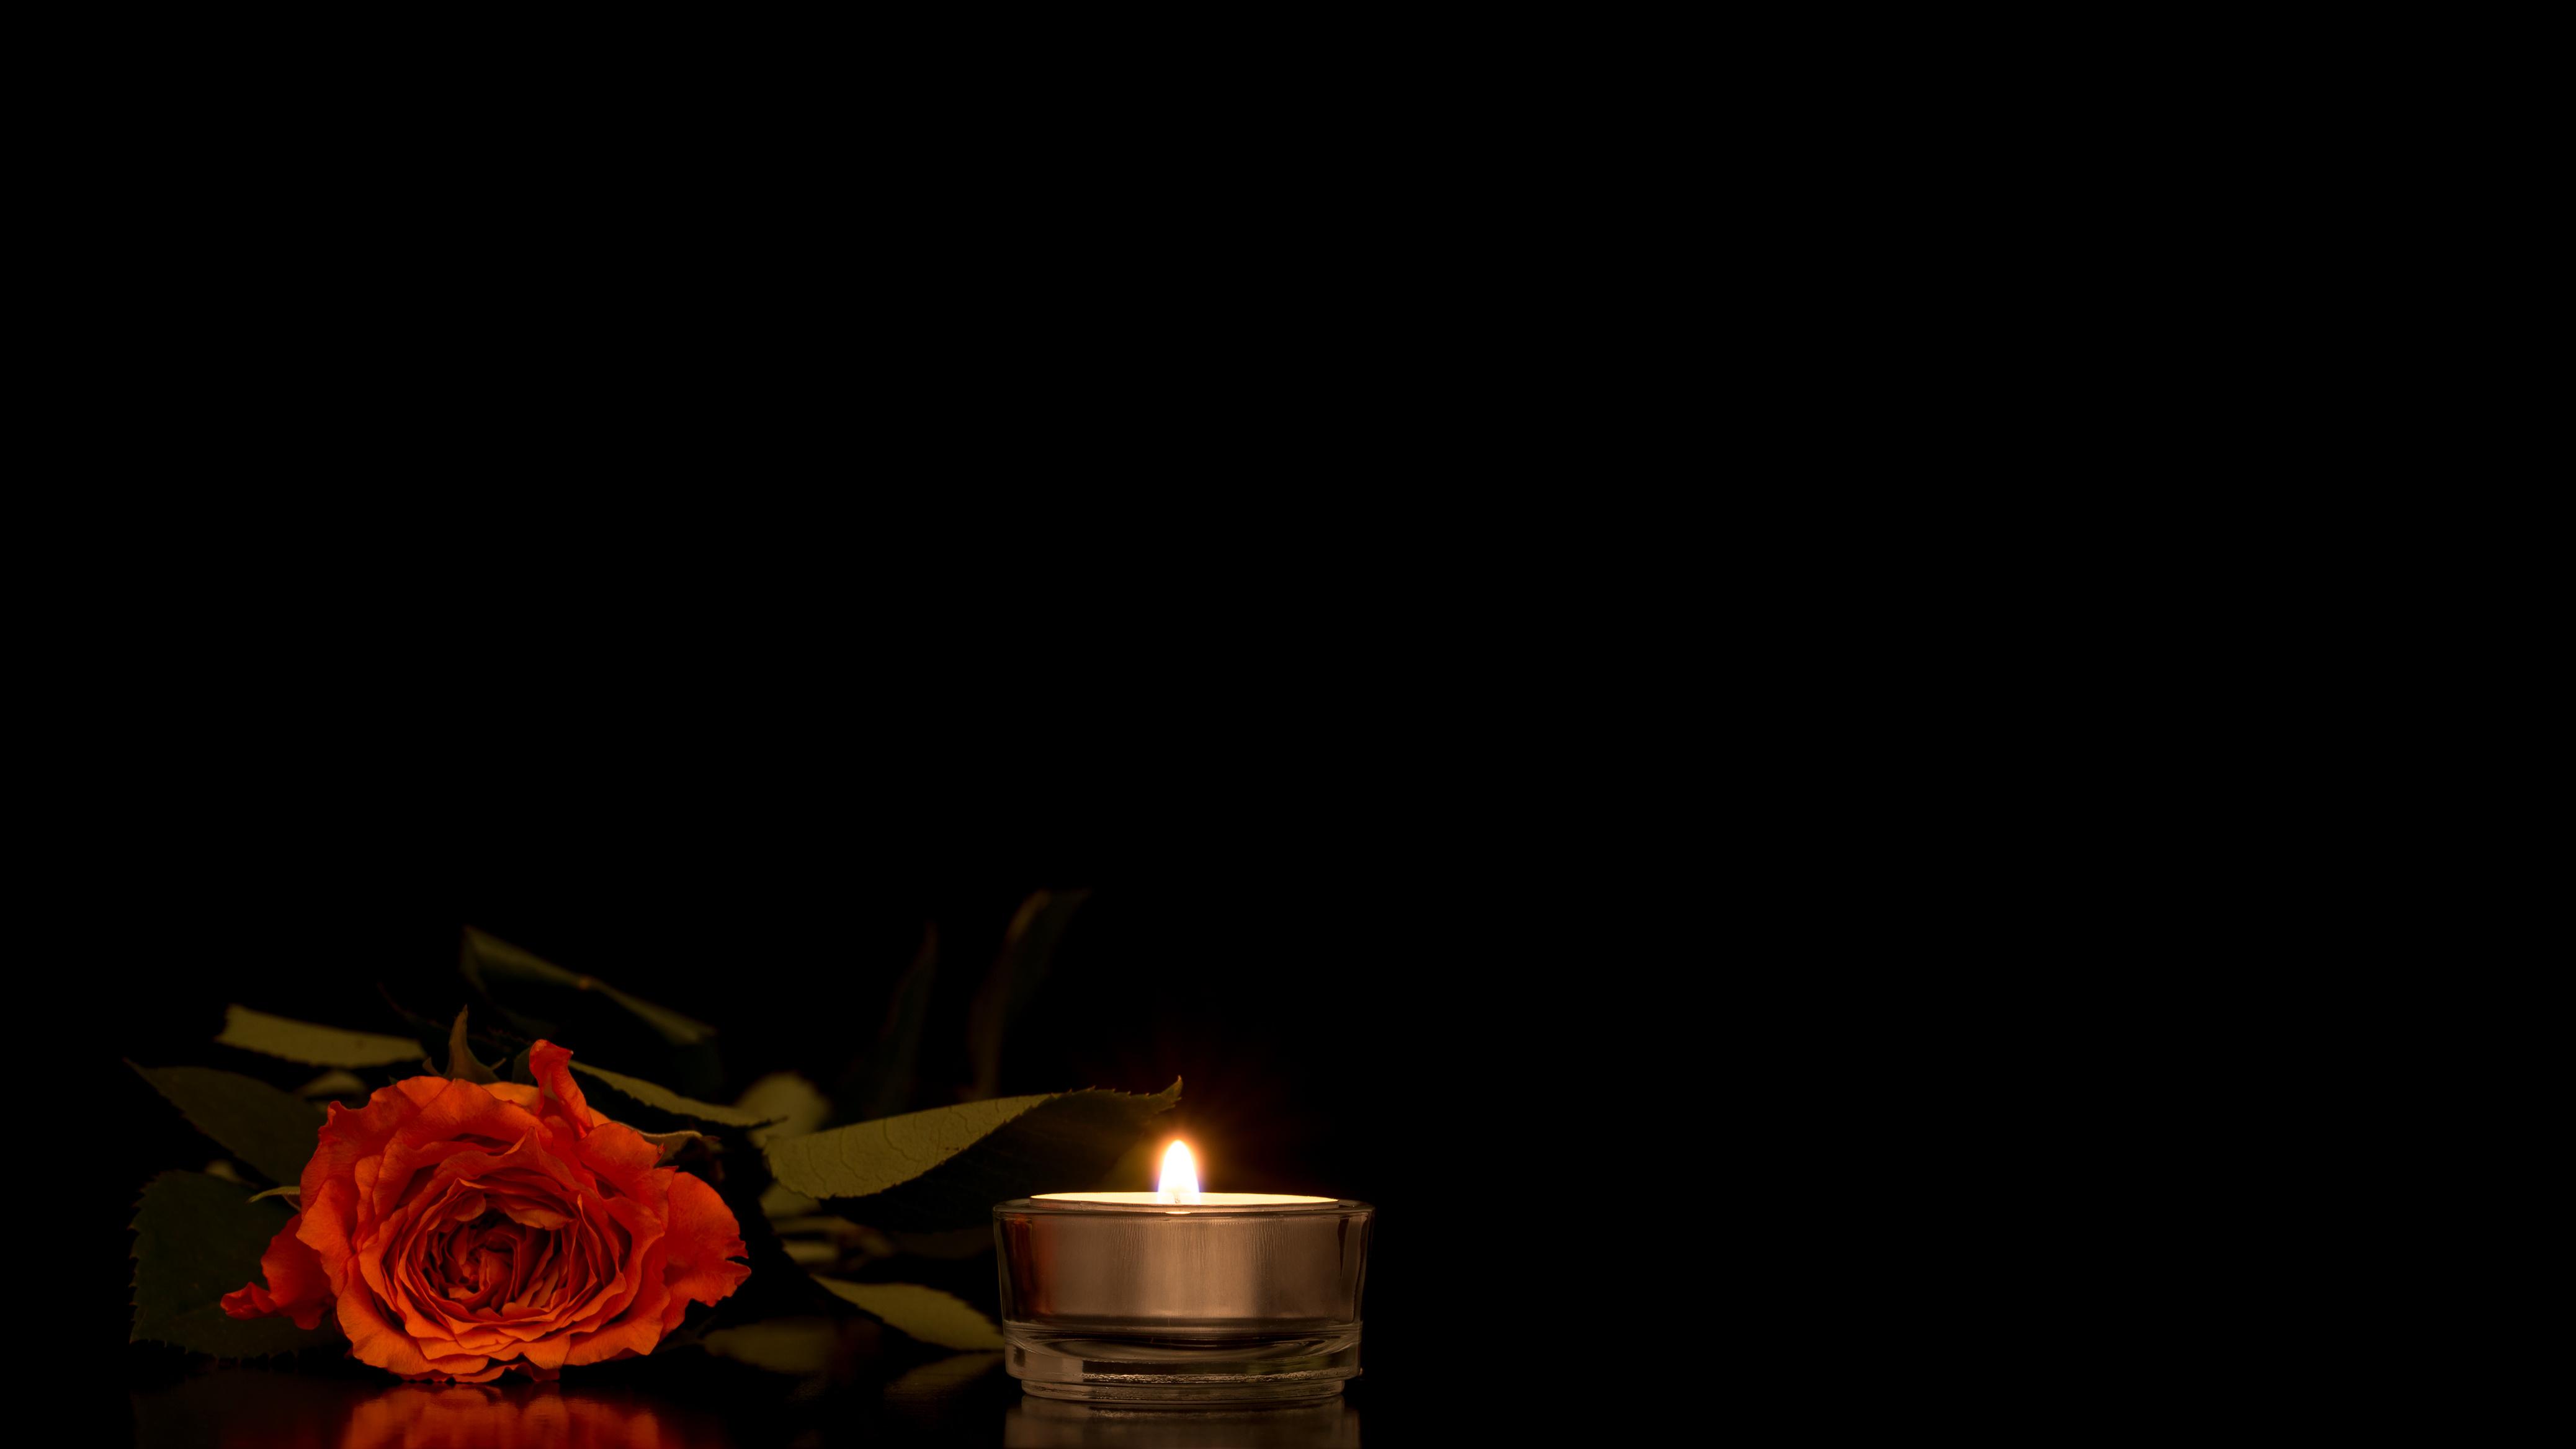 Bernardo Garcia Funeral Home Miami Obituaries Homemade Ftempo